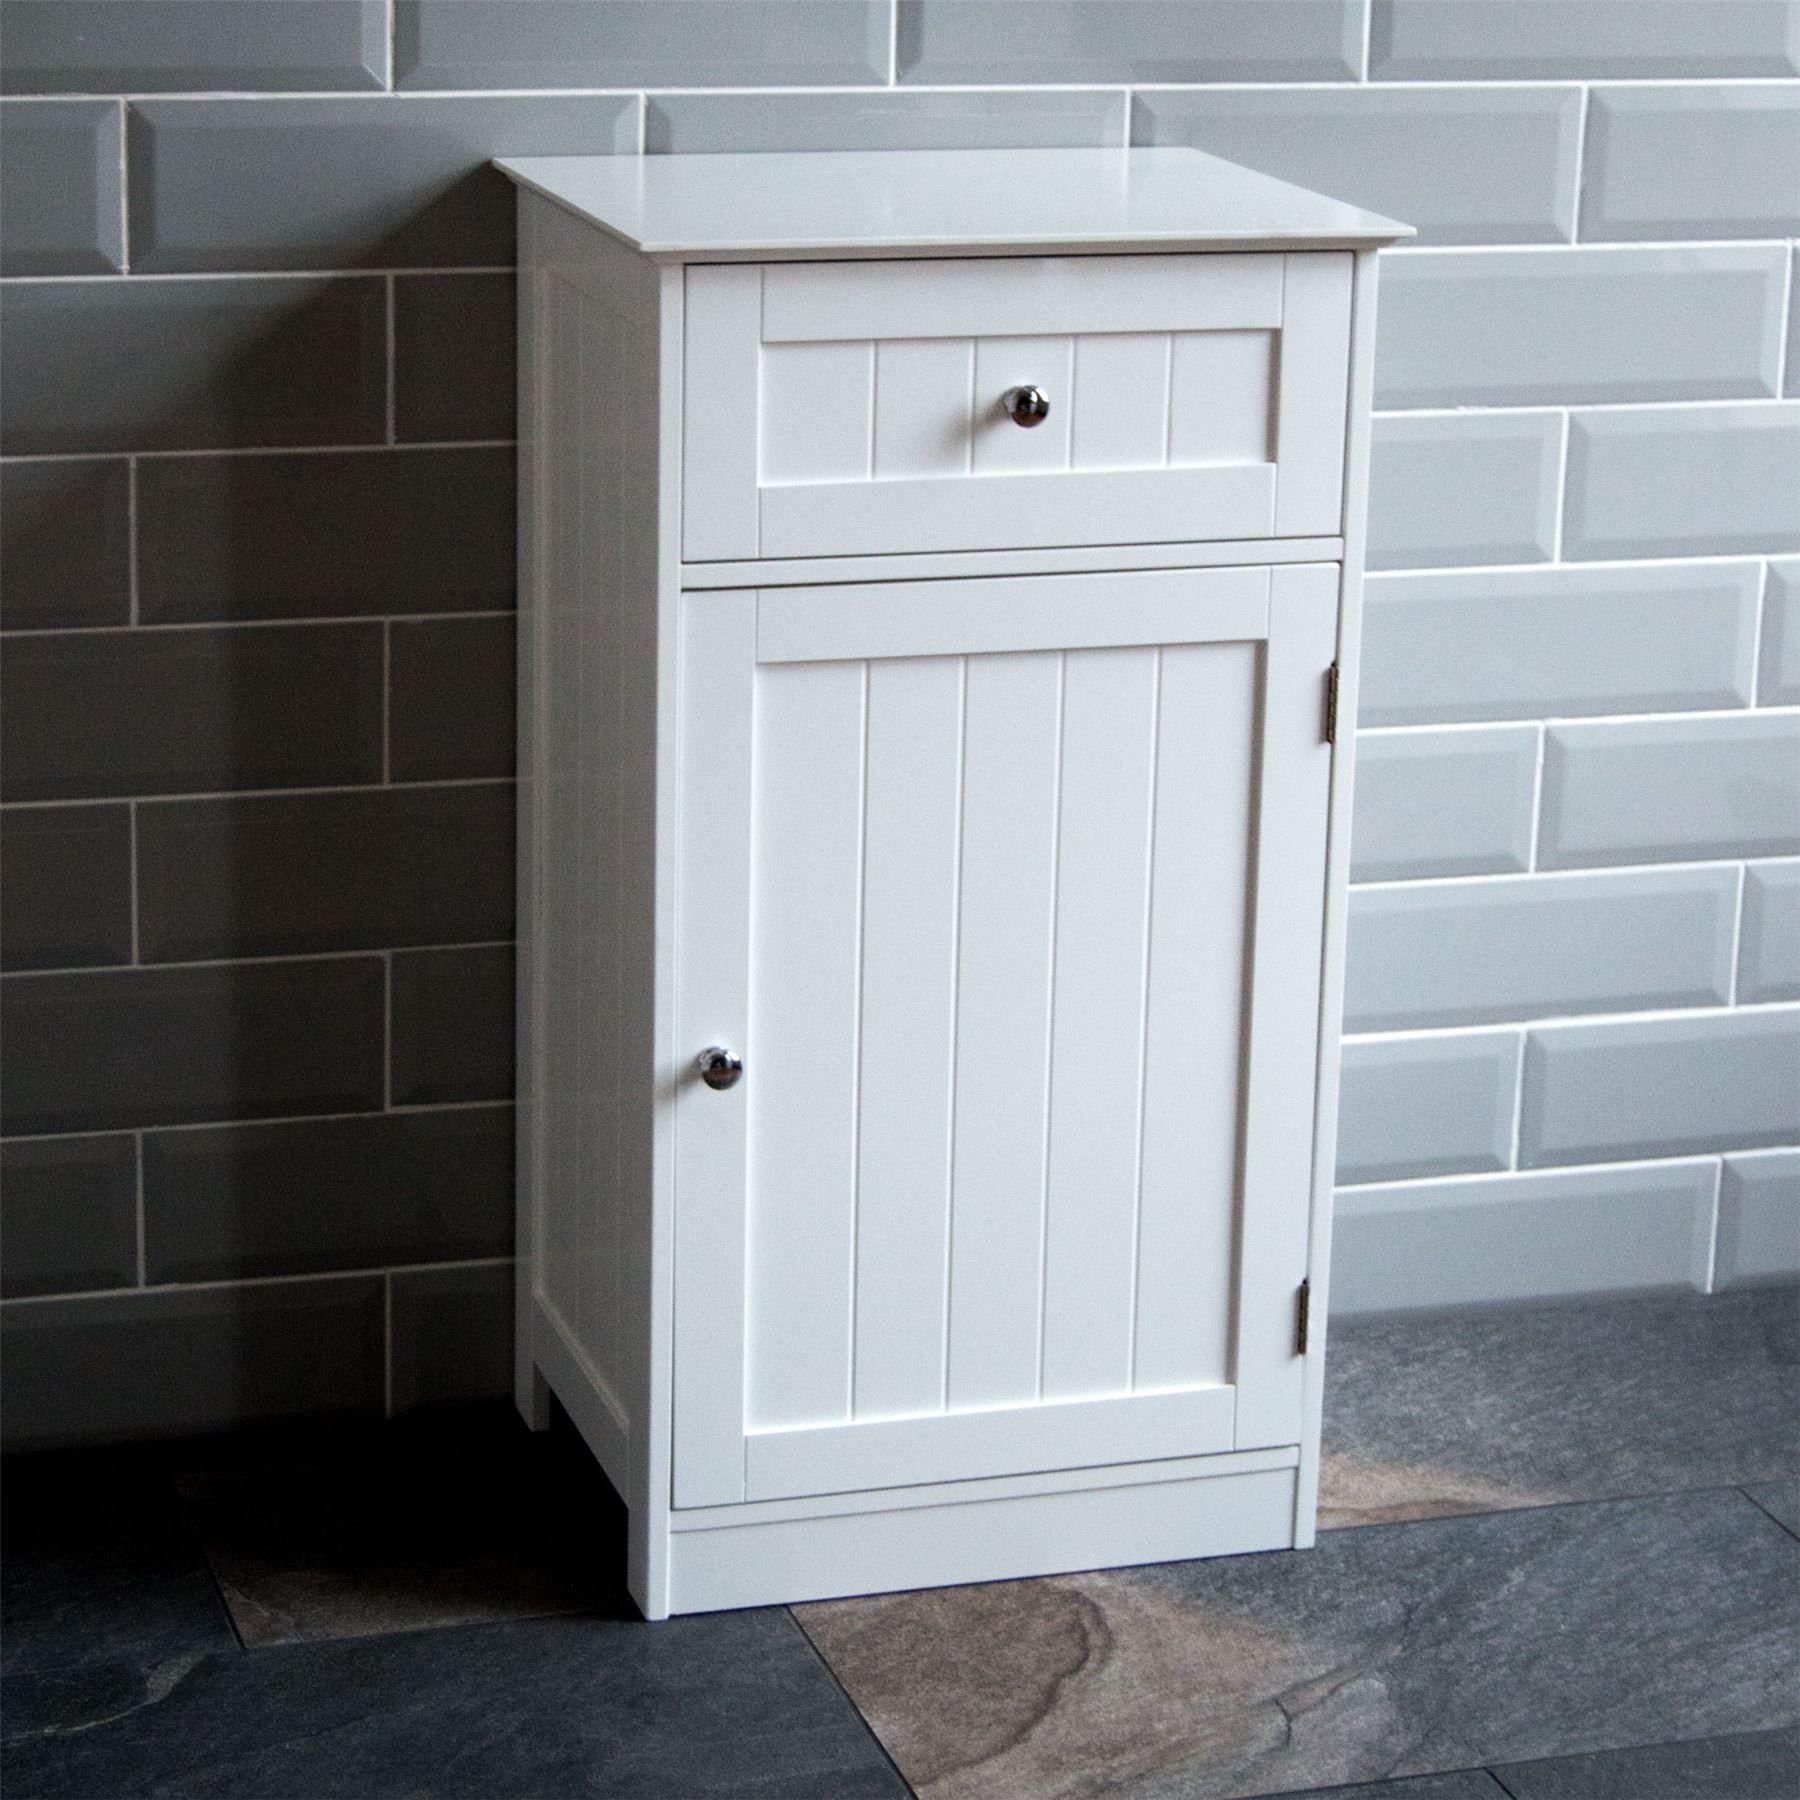 Bathroom Cabinet Single Double Door Wall Mounted Tallboy